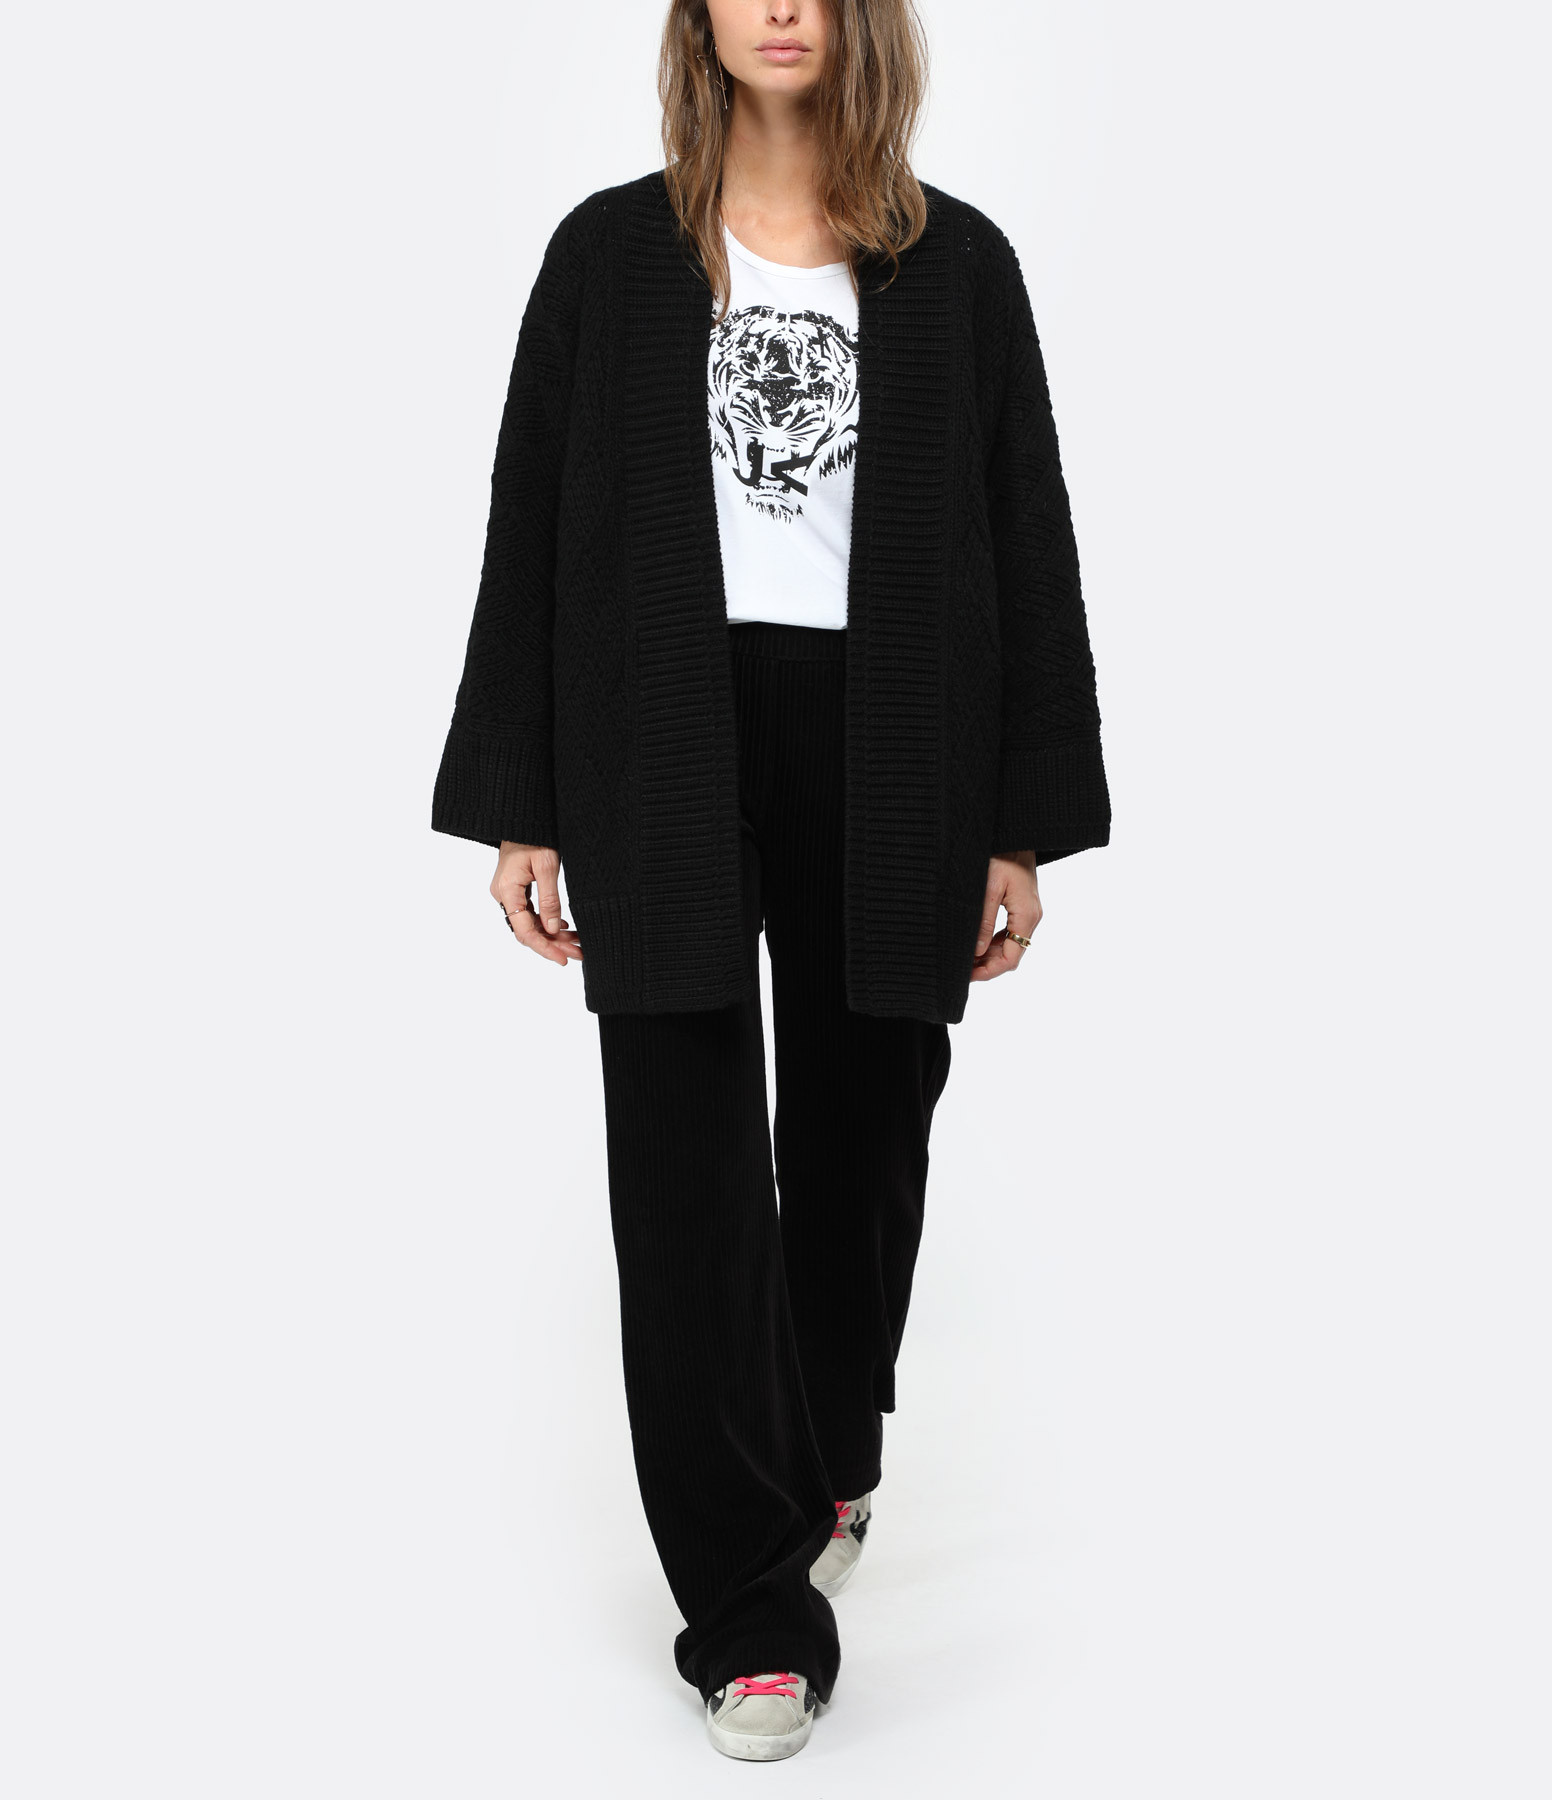 MAJESTIC FILATURES - Pantalon Large Coton Noir